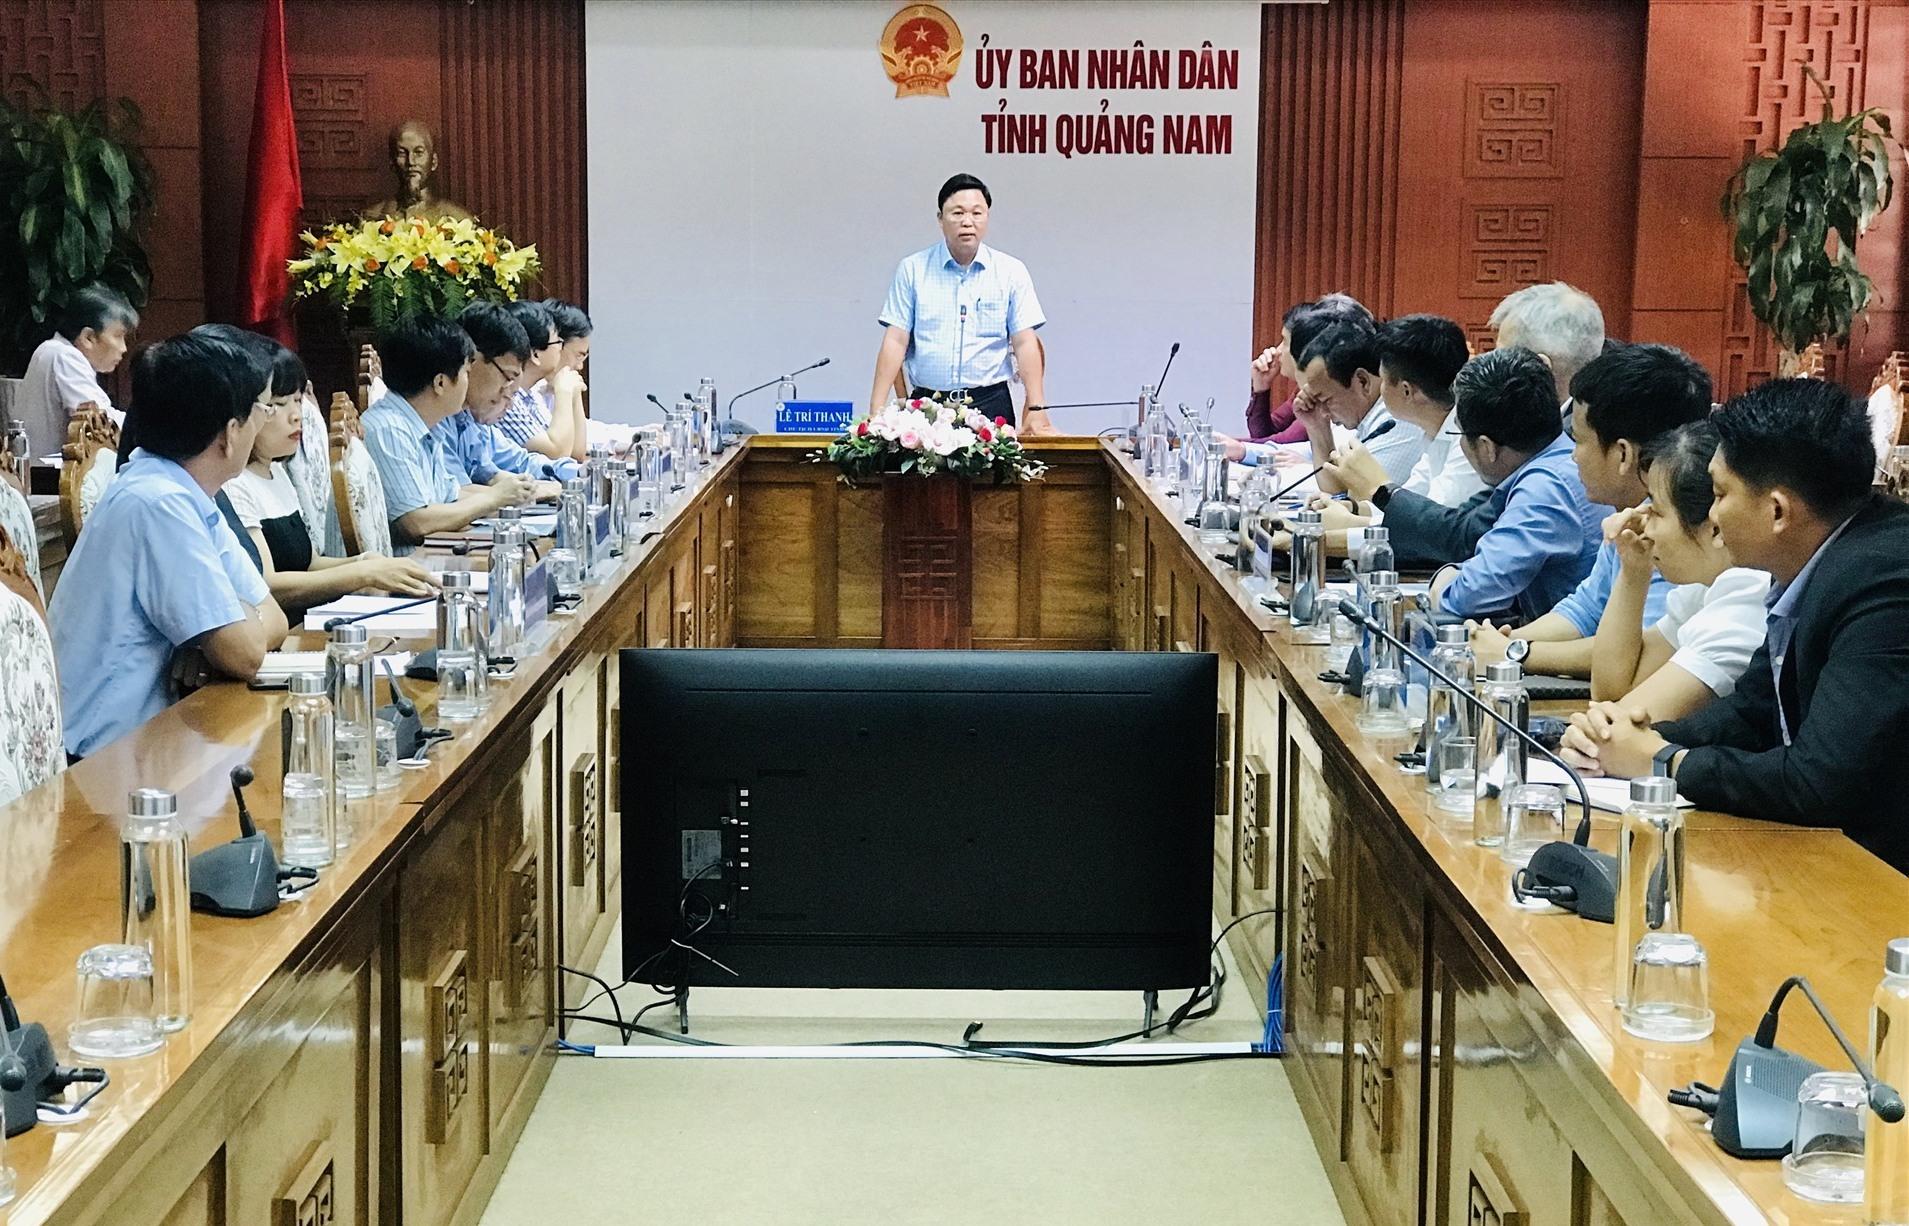 Chủ tịch UBND tỉnh Lê Trí Thanh yêu cầu các đơn vị liên quan phải chuẩn bị thật tốt để đăng ký thí điểm đón các chuyến bay charter đến Quảng Nam. Ảnh: Q.T